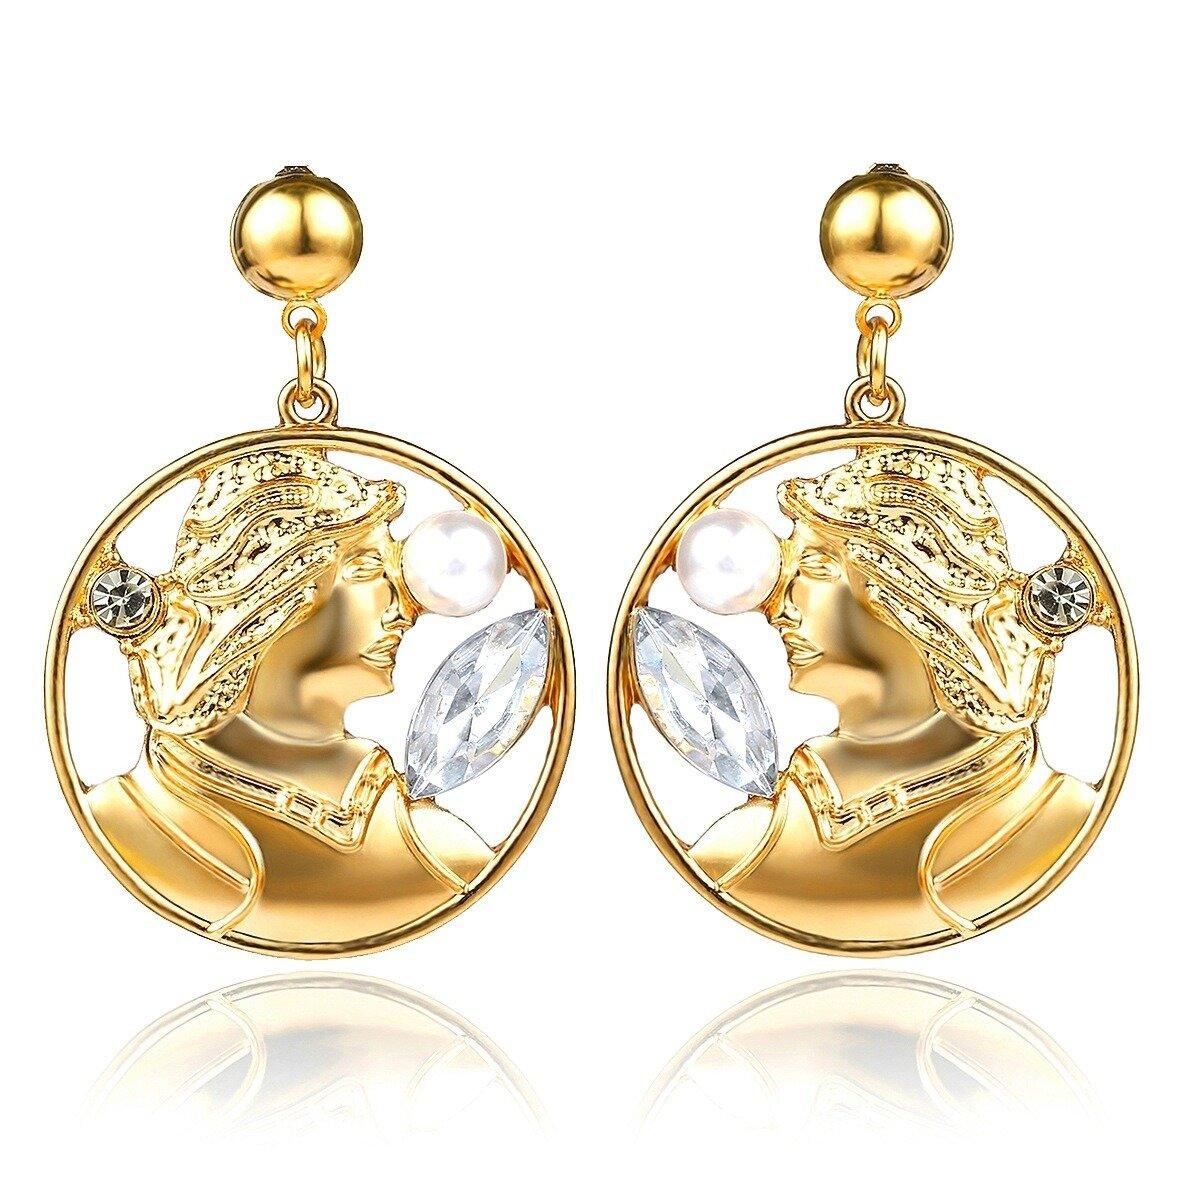 Vintage Embossed Portrait Earrings Pearl Diamond Earring Drop For Women